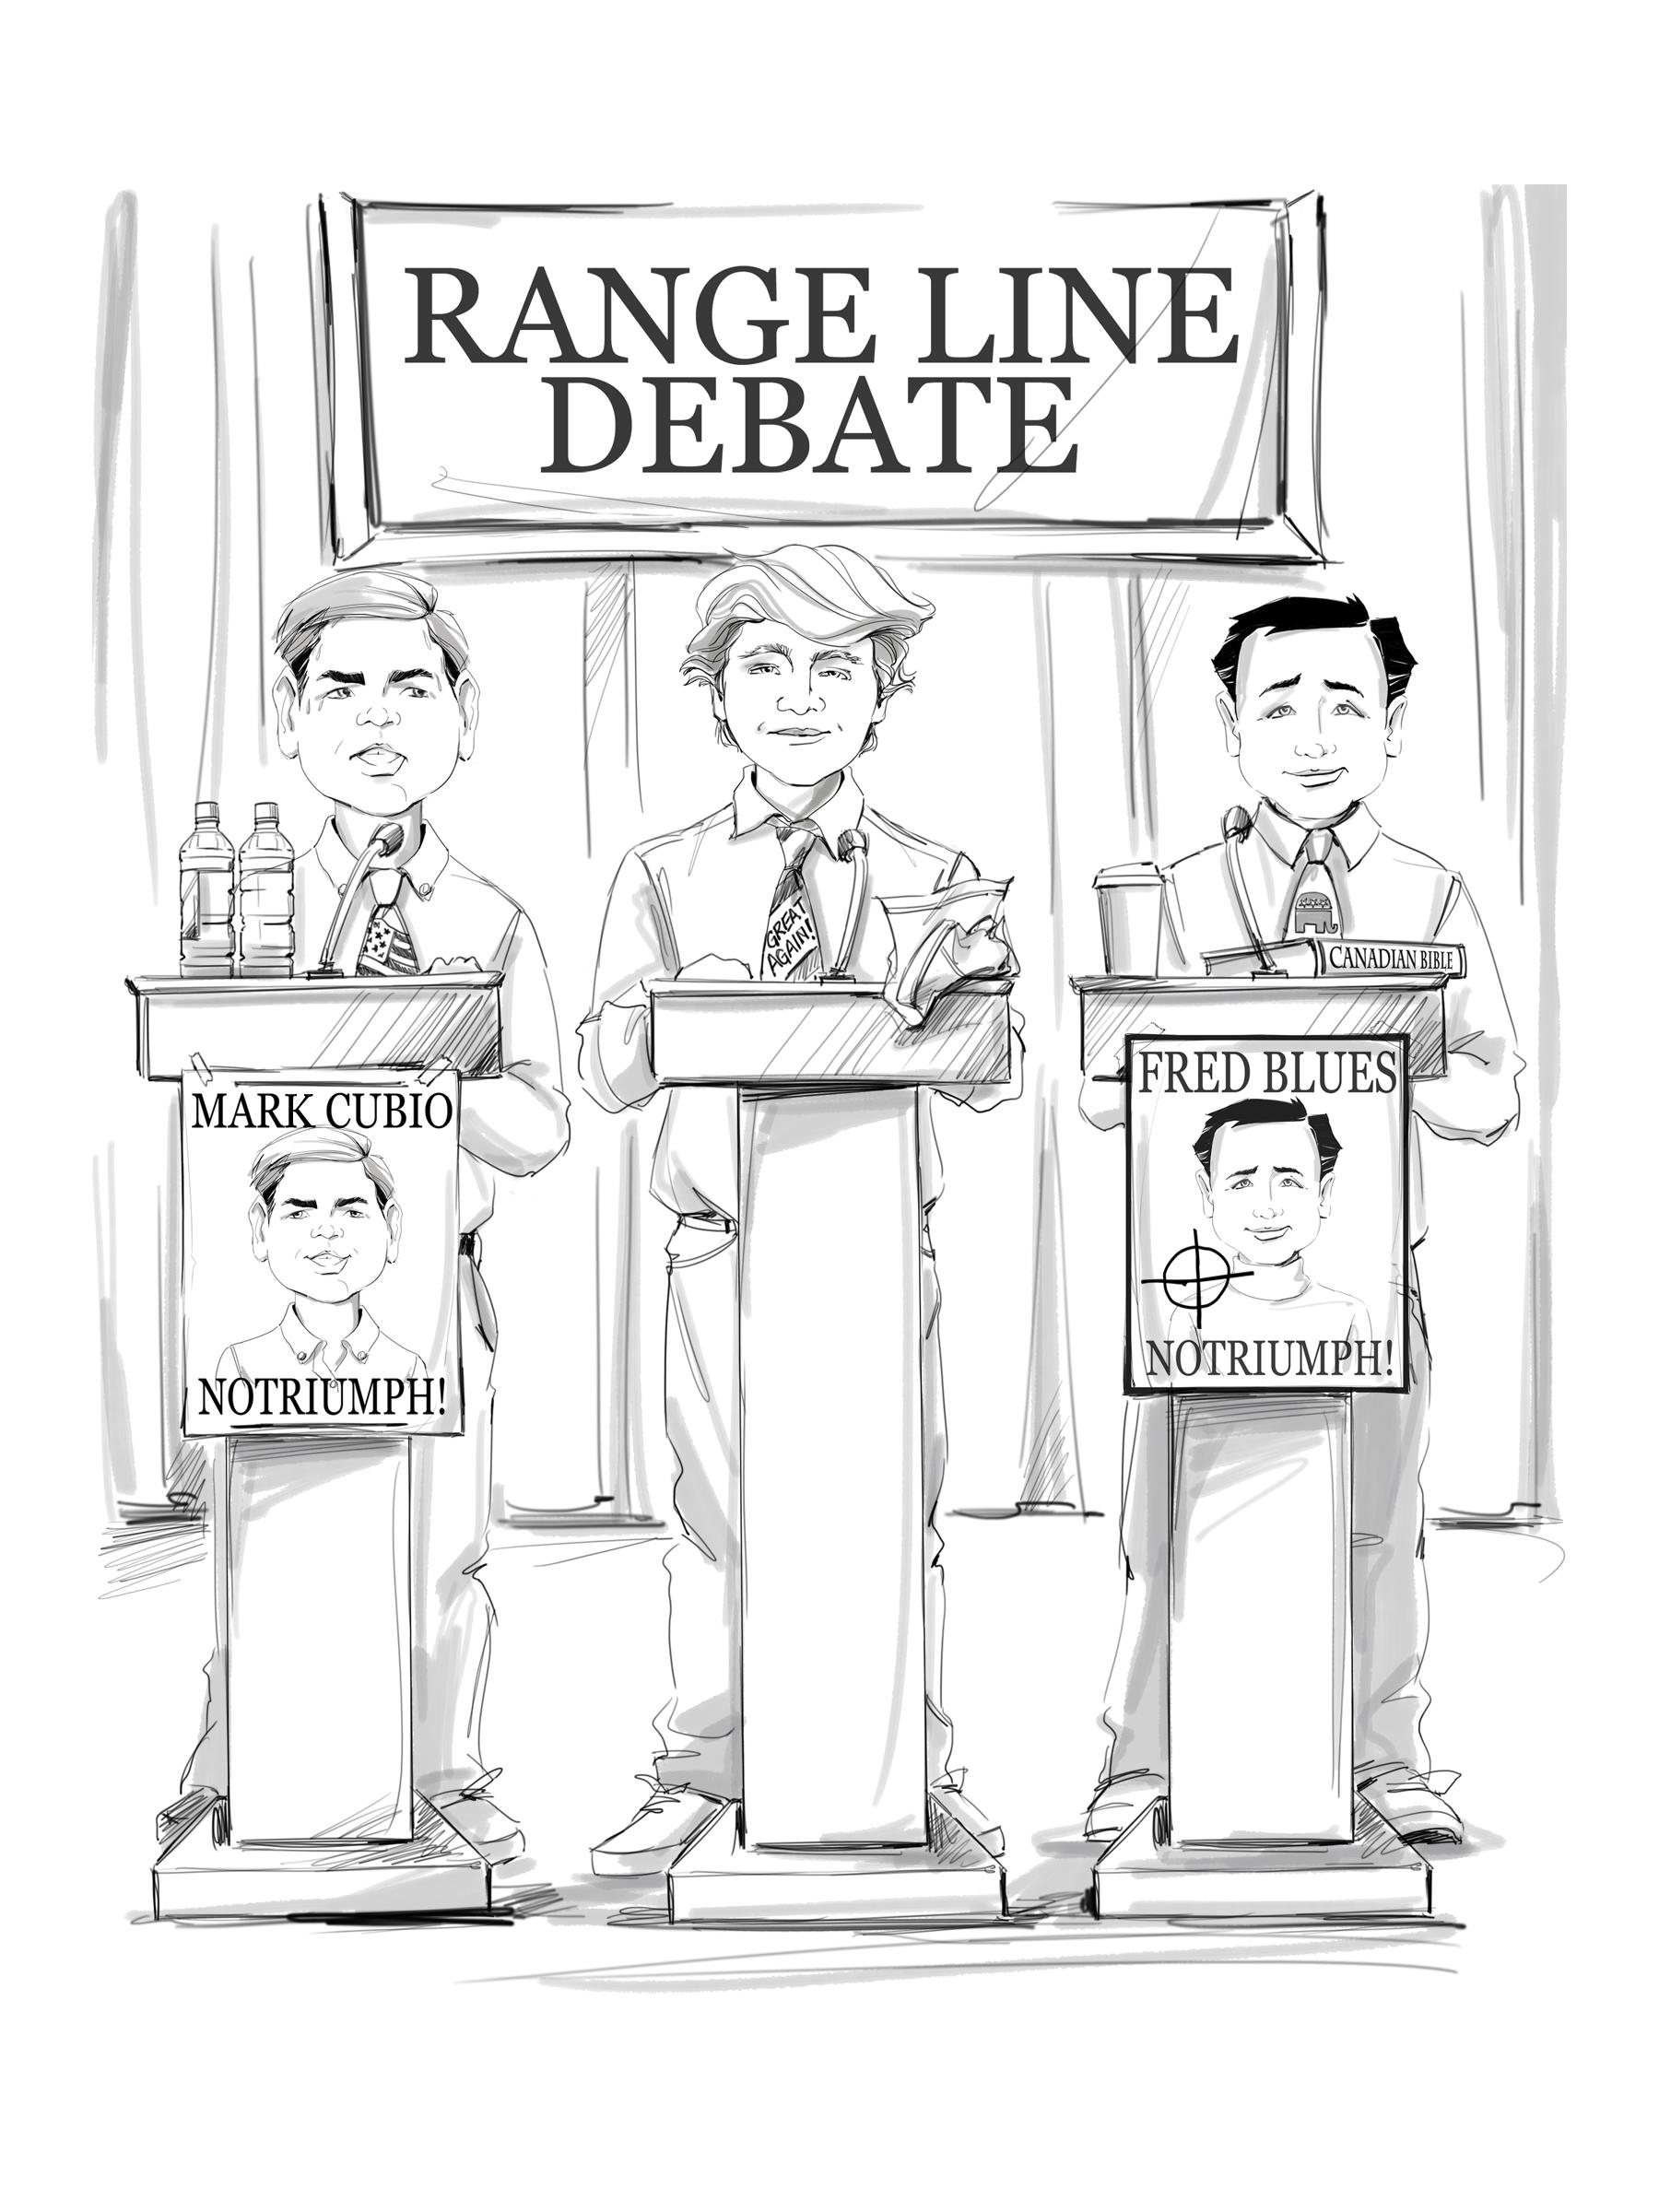 Debate2.jpg